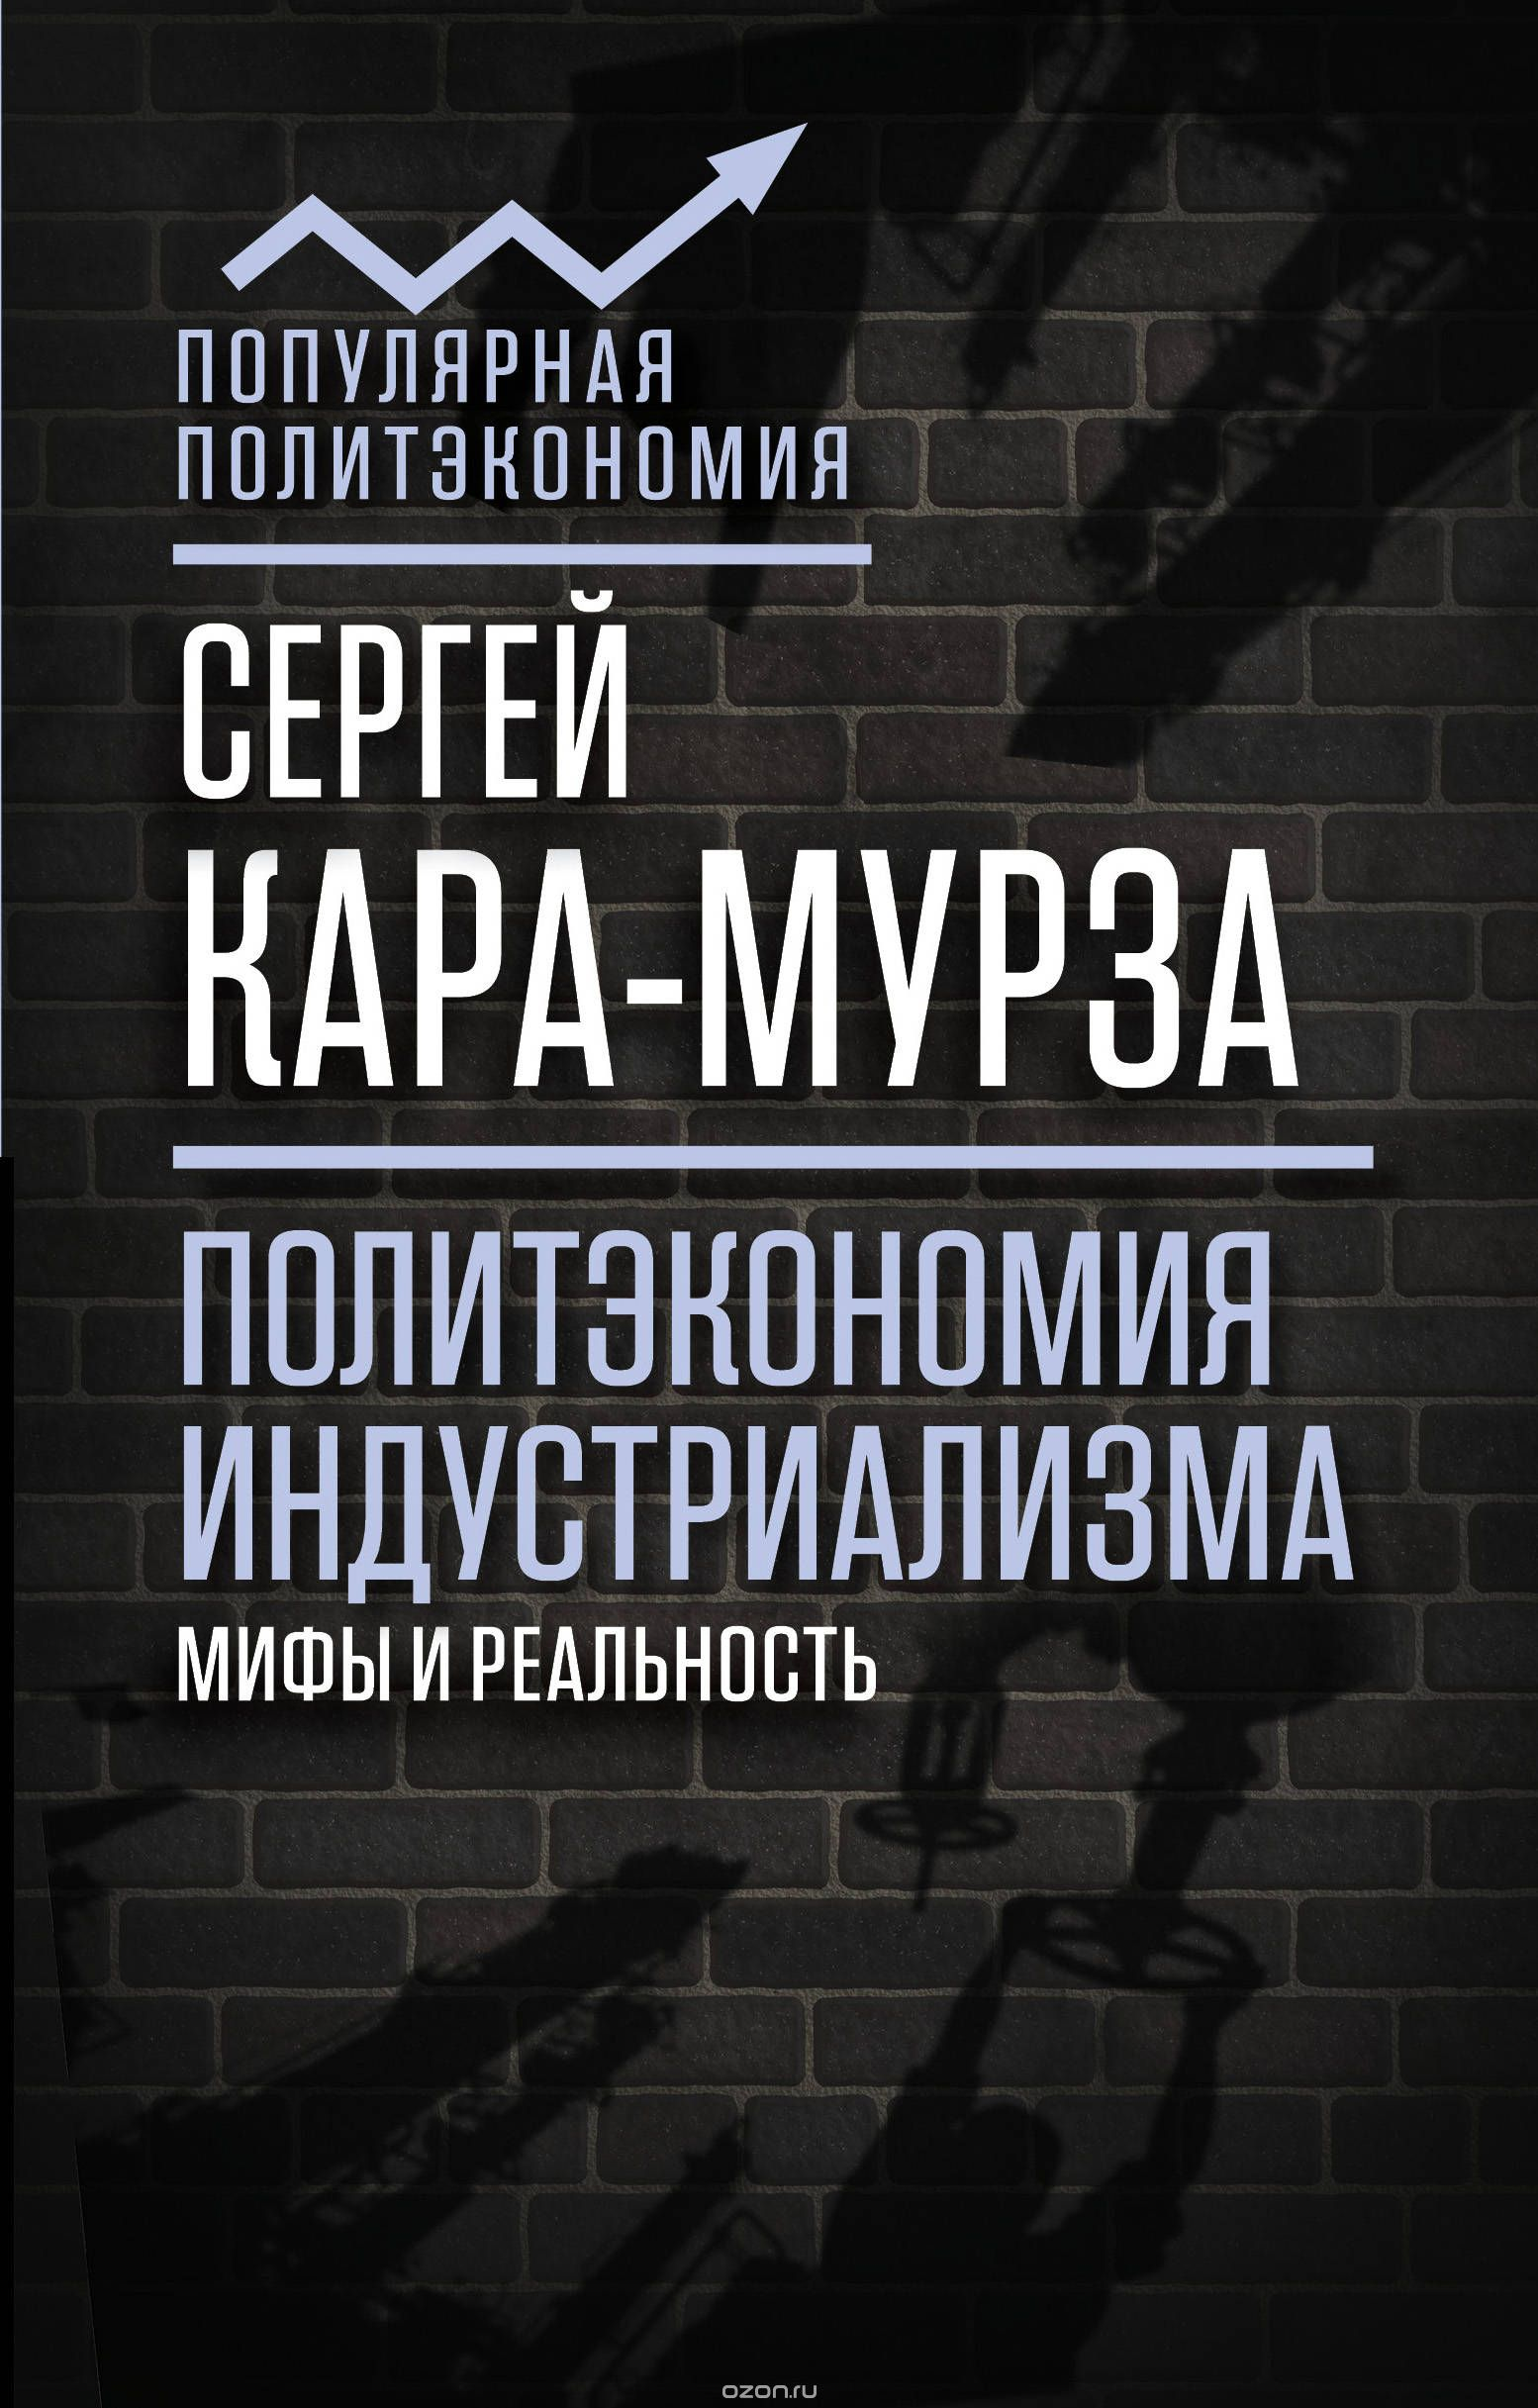 Политэкономия индустриализма.  Мифы и реальность